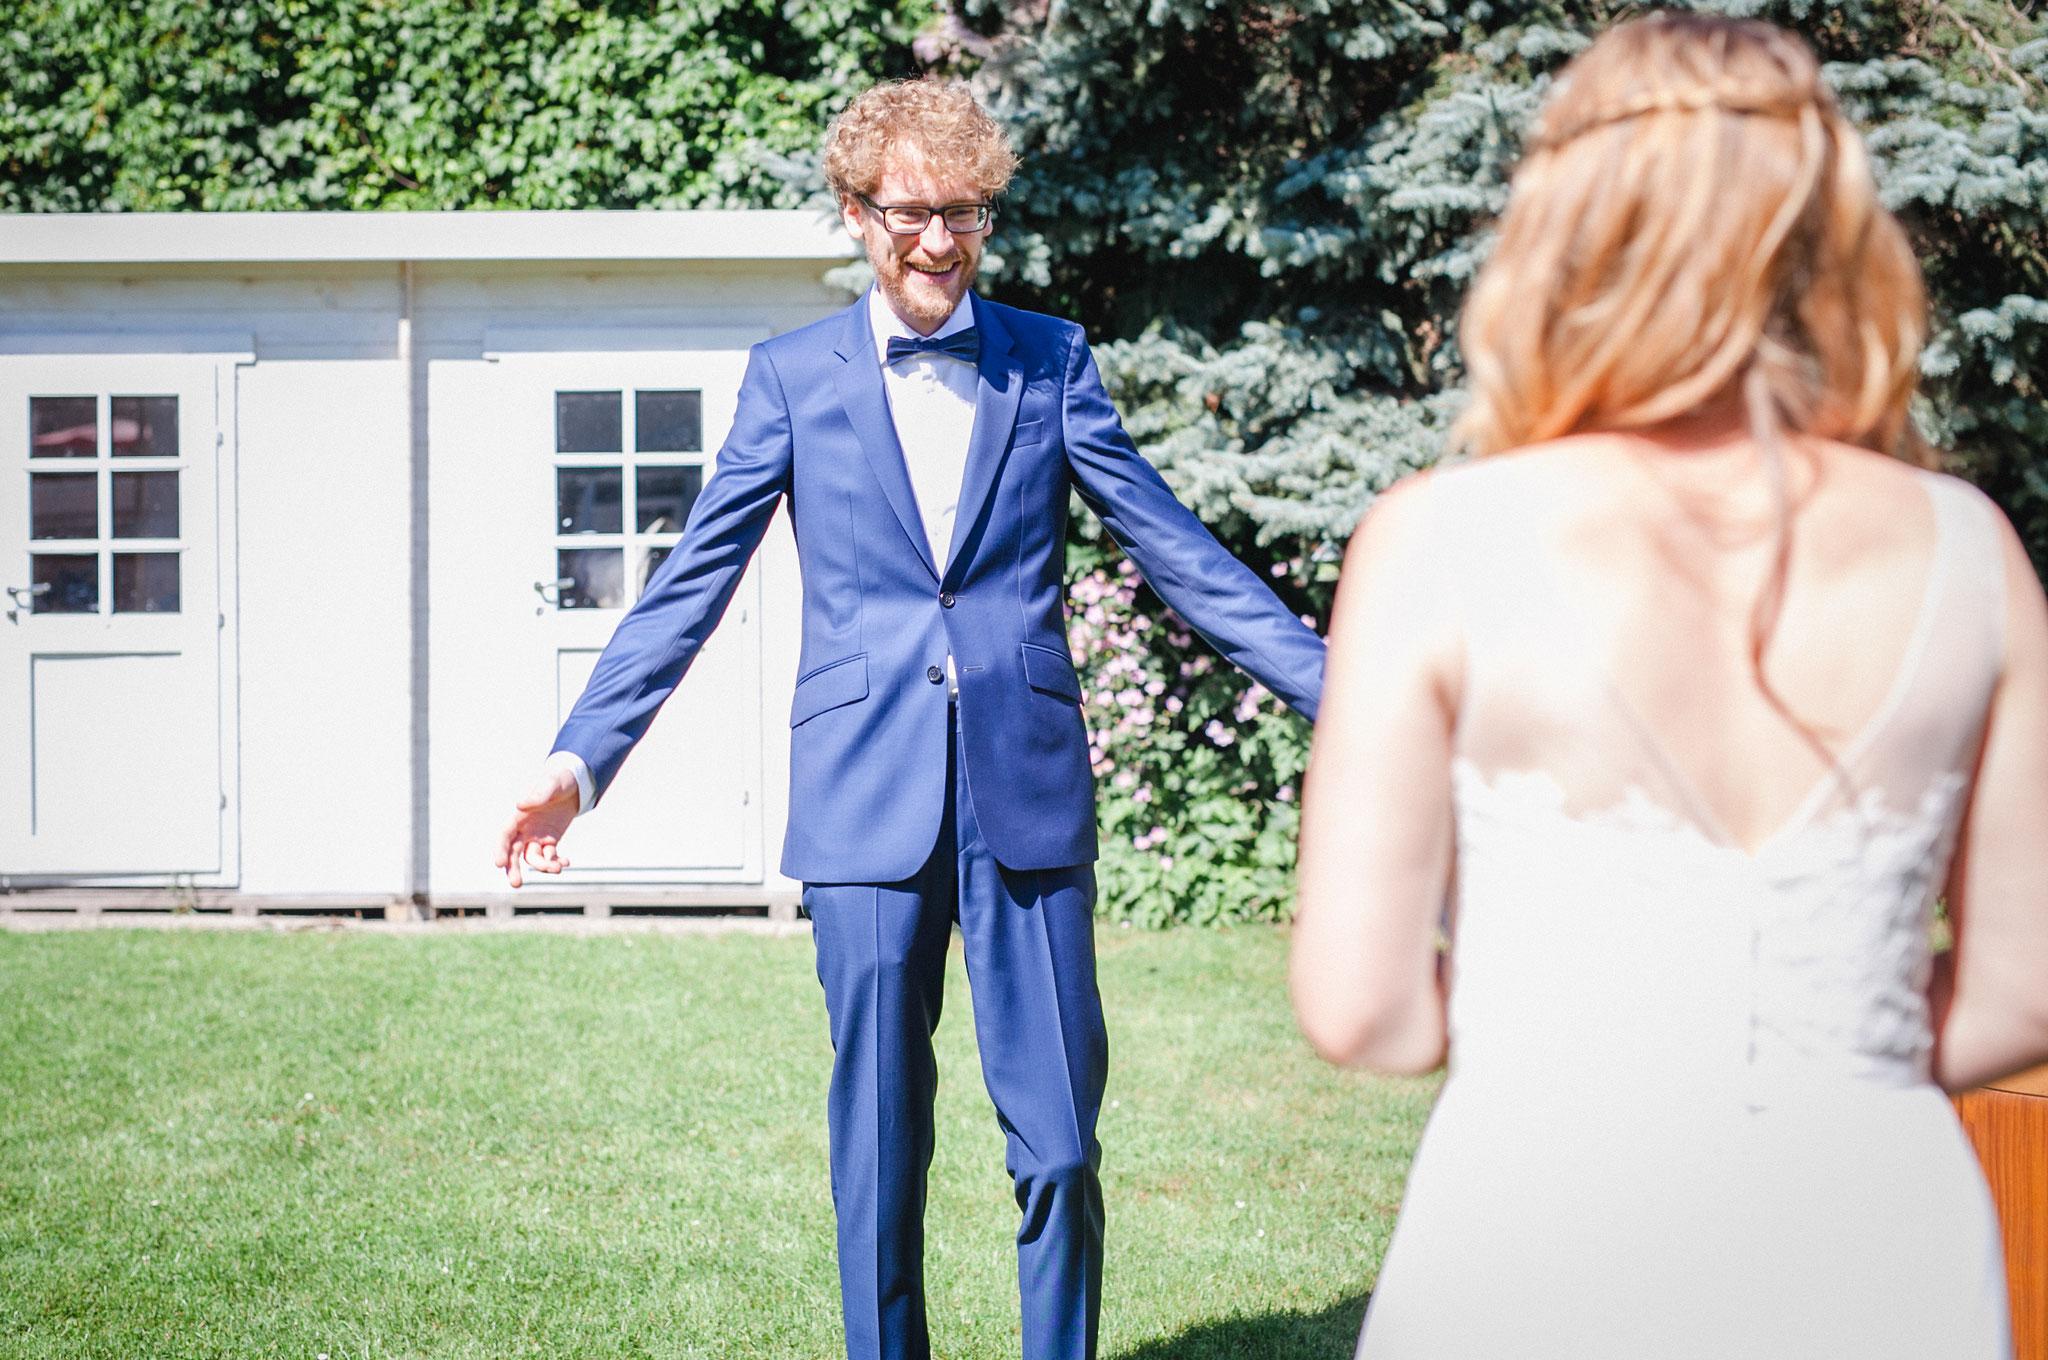 First Look | Hochzeitsfotografin Rebecca Adloff Ruhrgebiet, Münster, Essen, Düsseldorf, NRW, Oberhausen |Hochzeitsreportage |Hochzeitsfotos | Paarshooting |Blumenkranz |